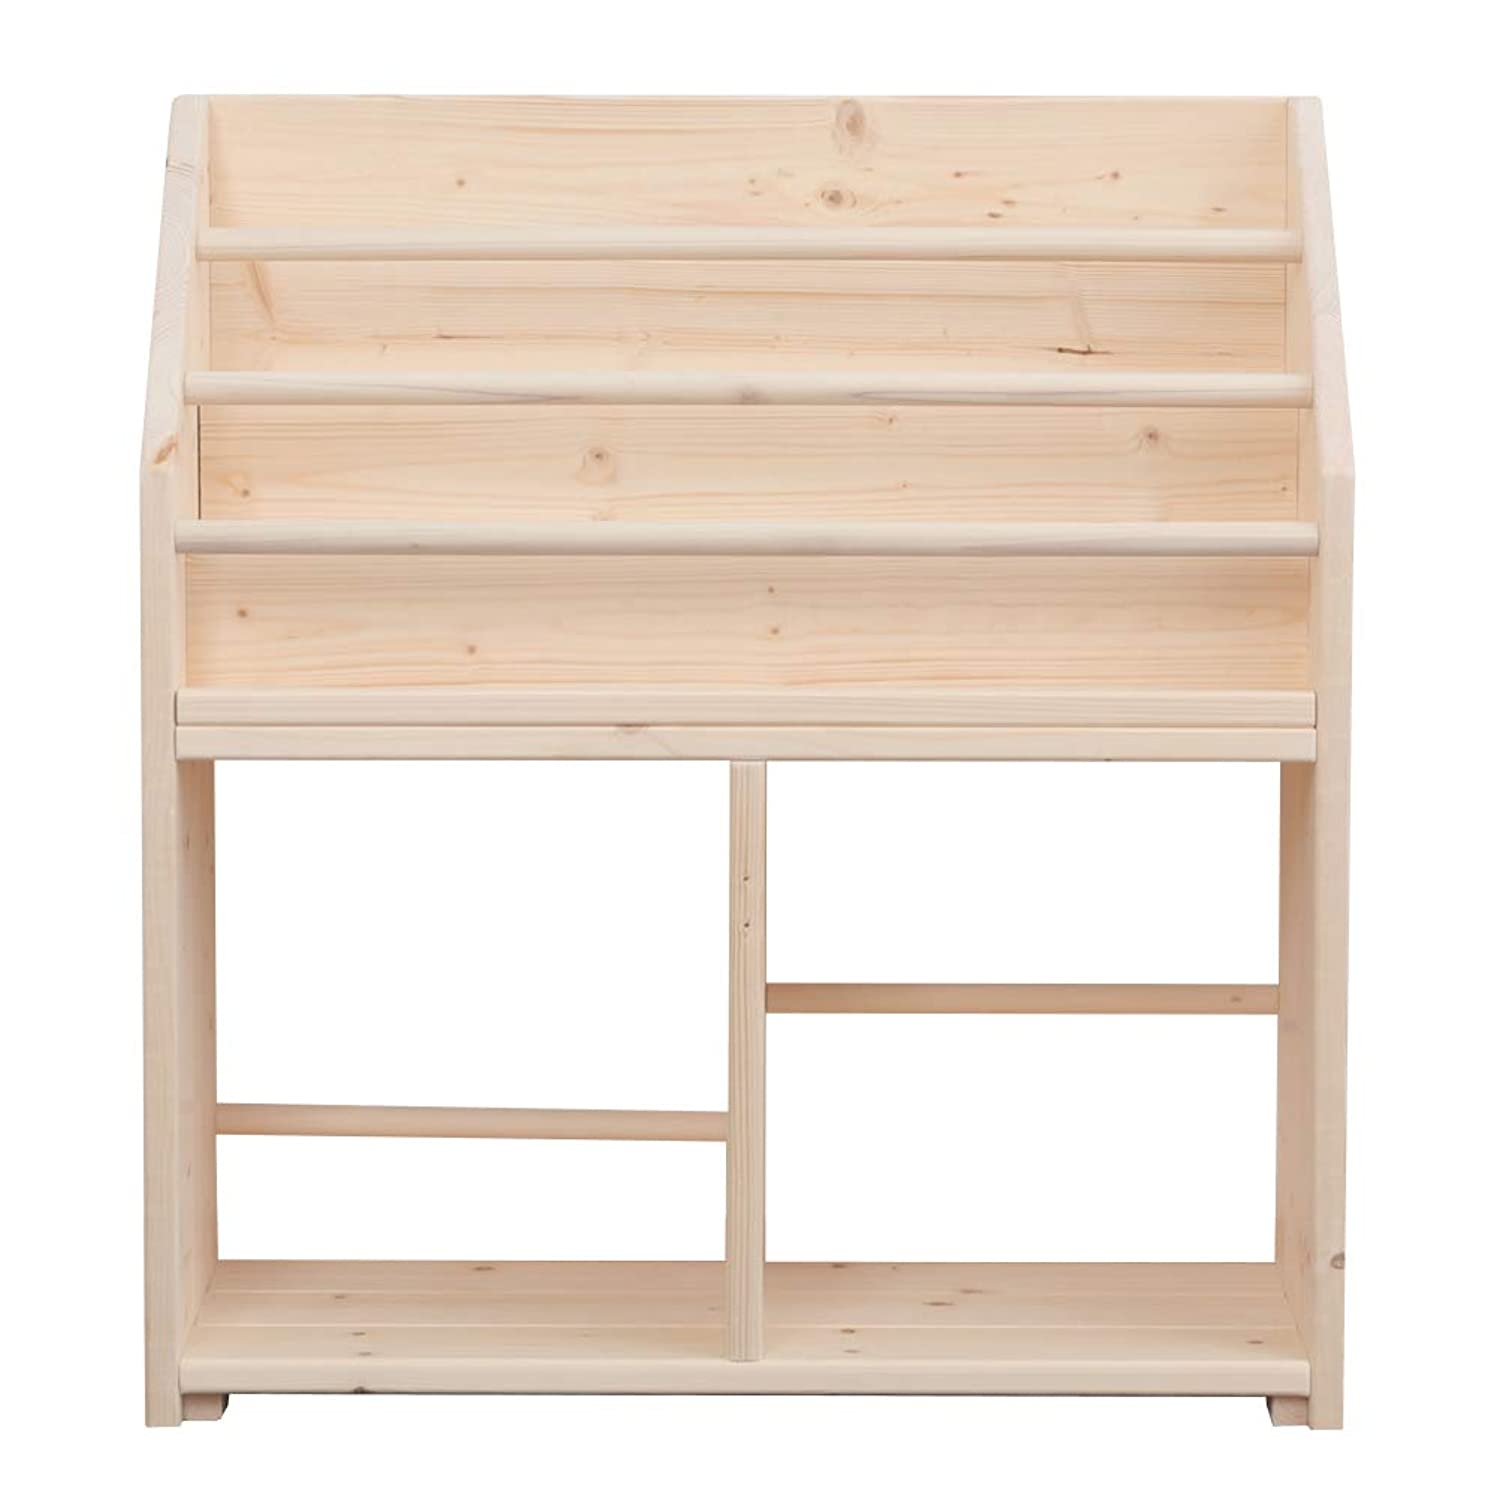 プラスチック羽寝室MakeWood ハンドメイド 完成品 W64cmC 絵本棚 こども 収納 ラック 薄型 絵本立て シンプル 無塗装 日本製 /W64C